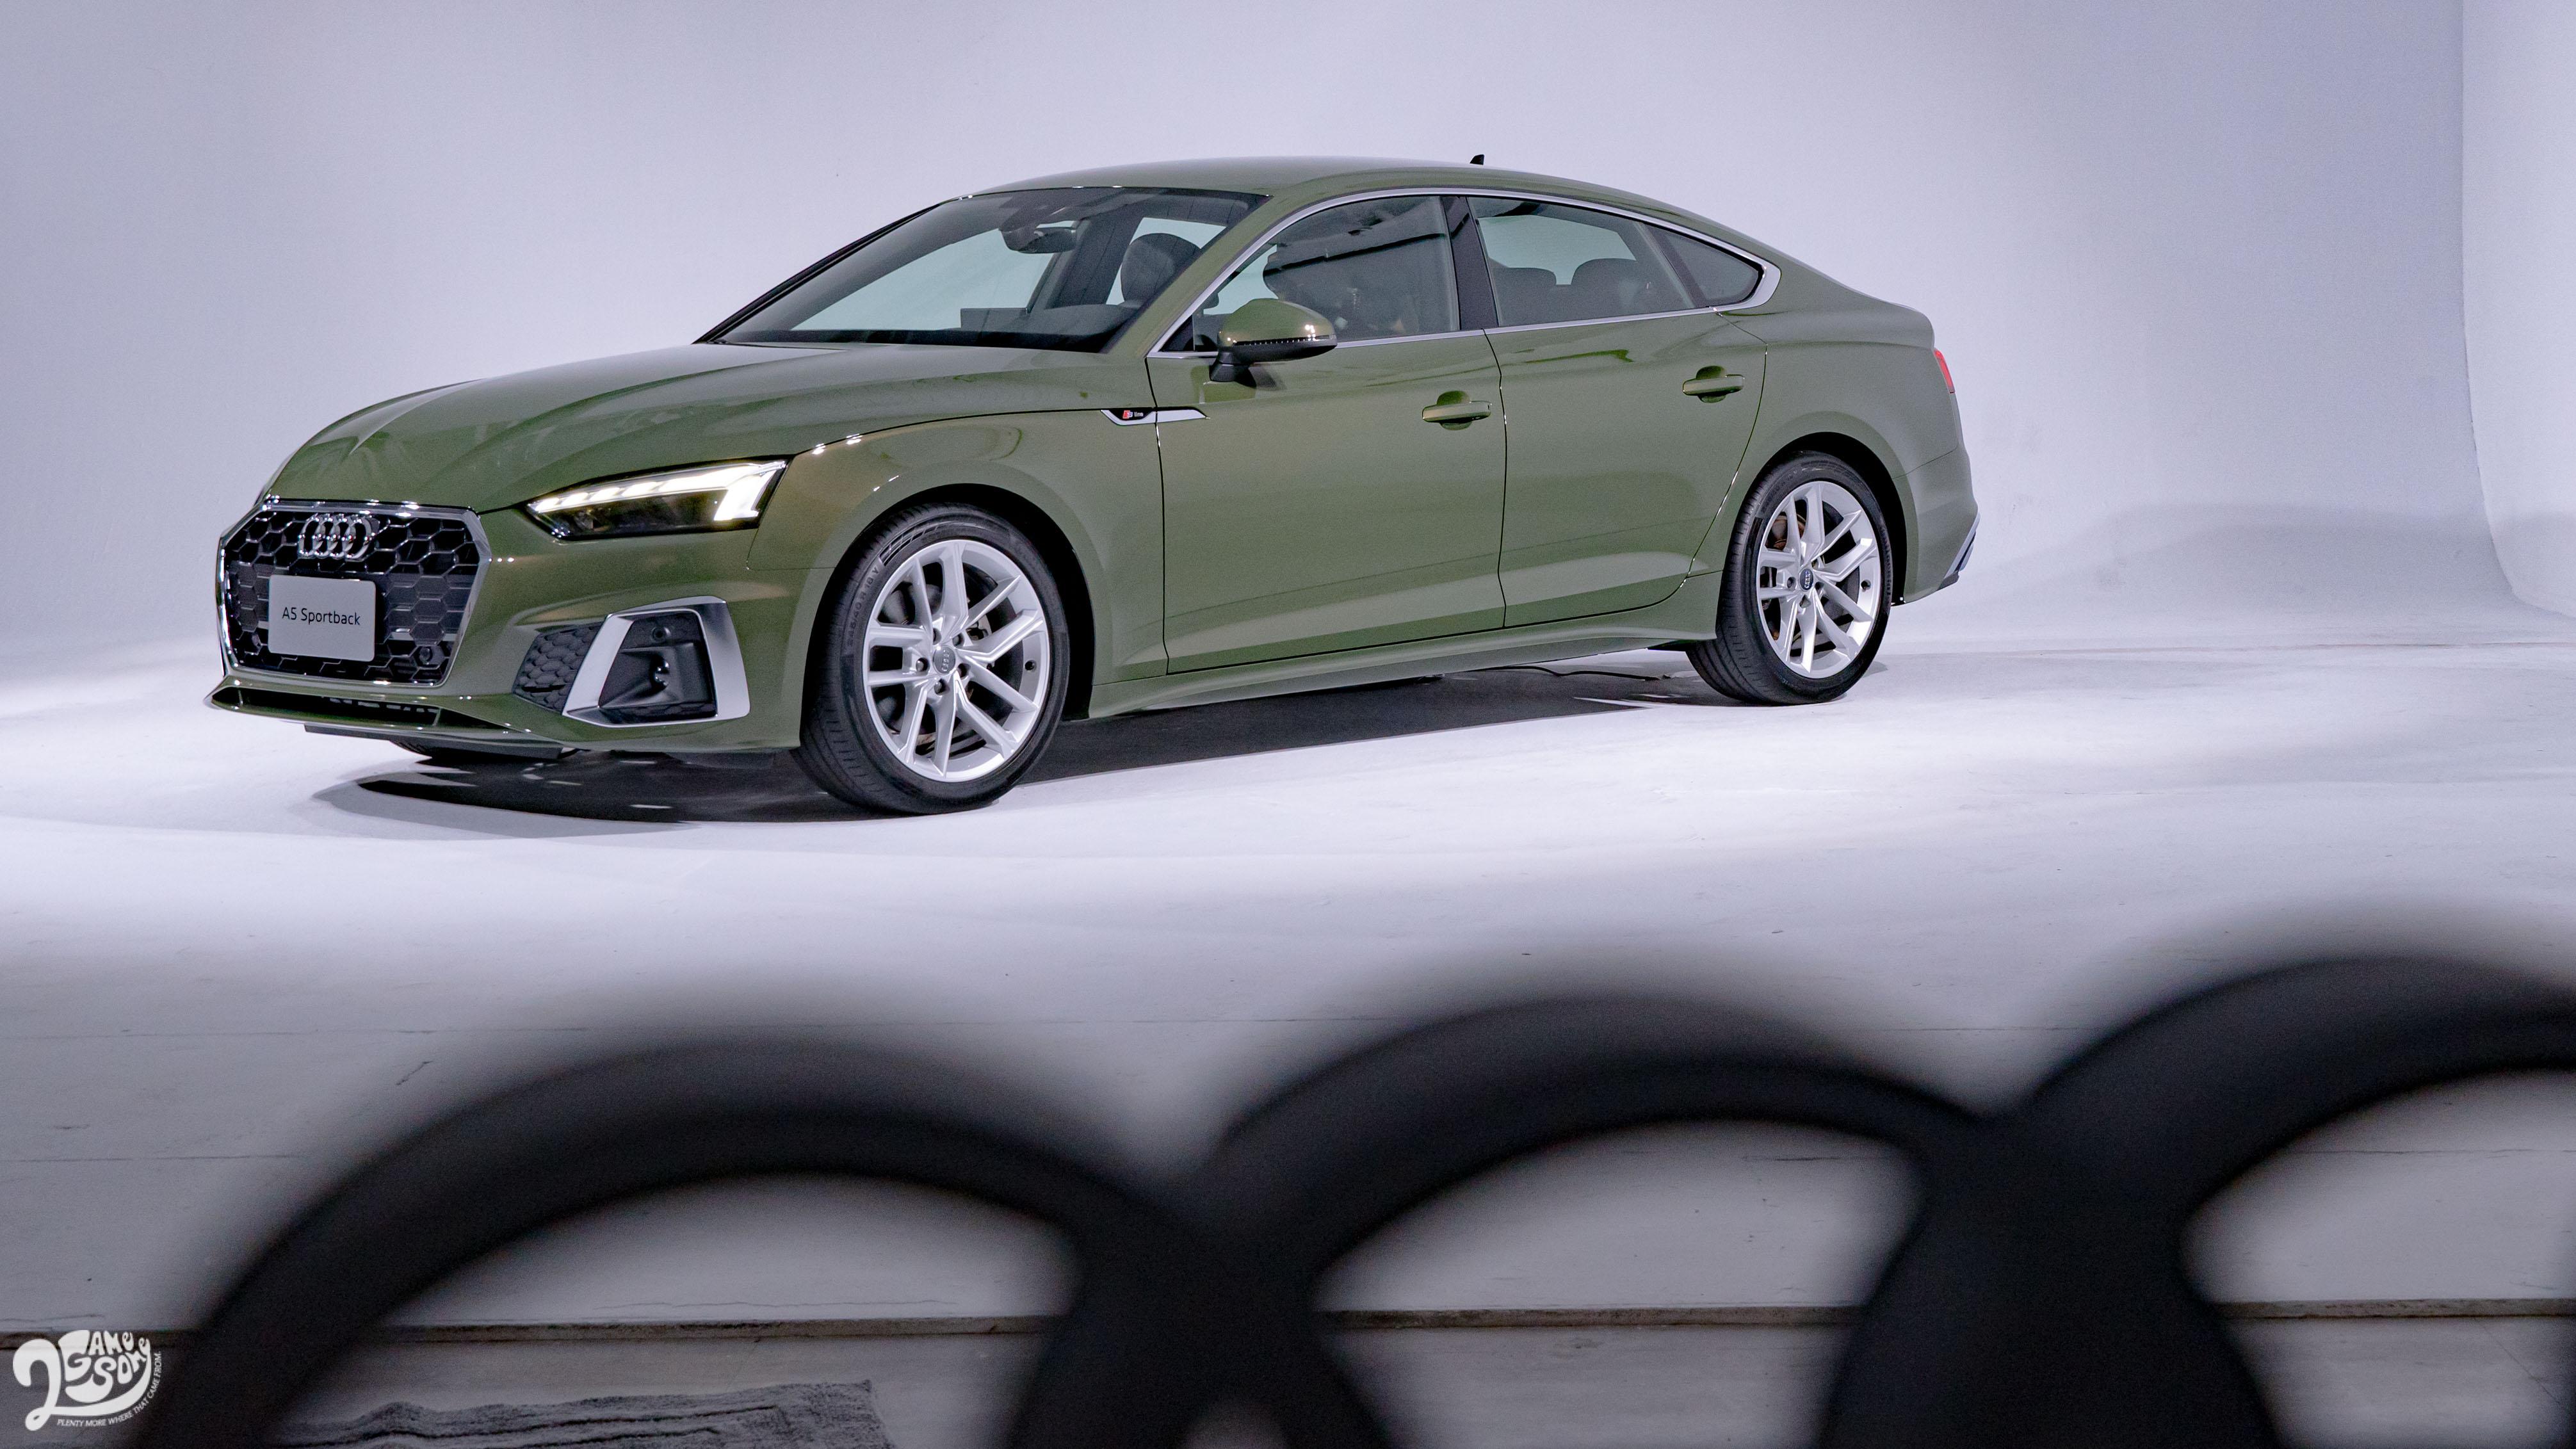 2021 Audi A5 Sportback 美背實拍 三車型 230 萬起